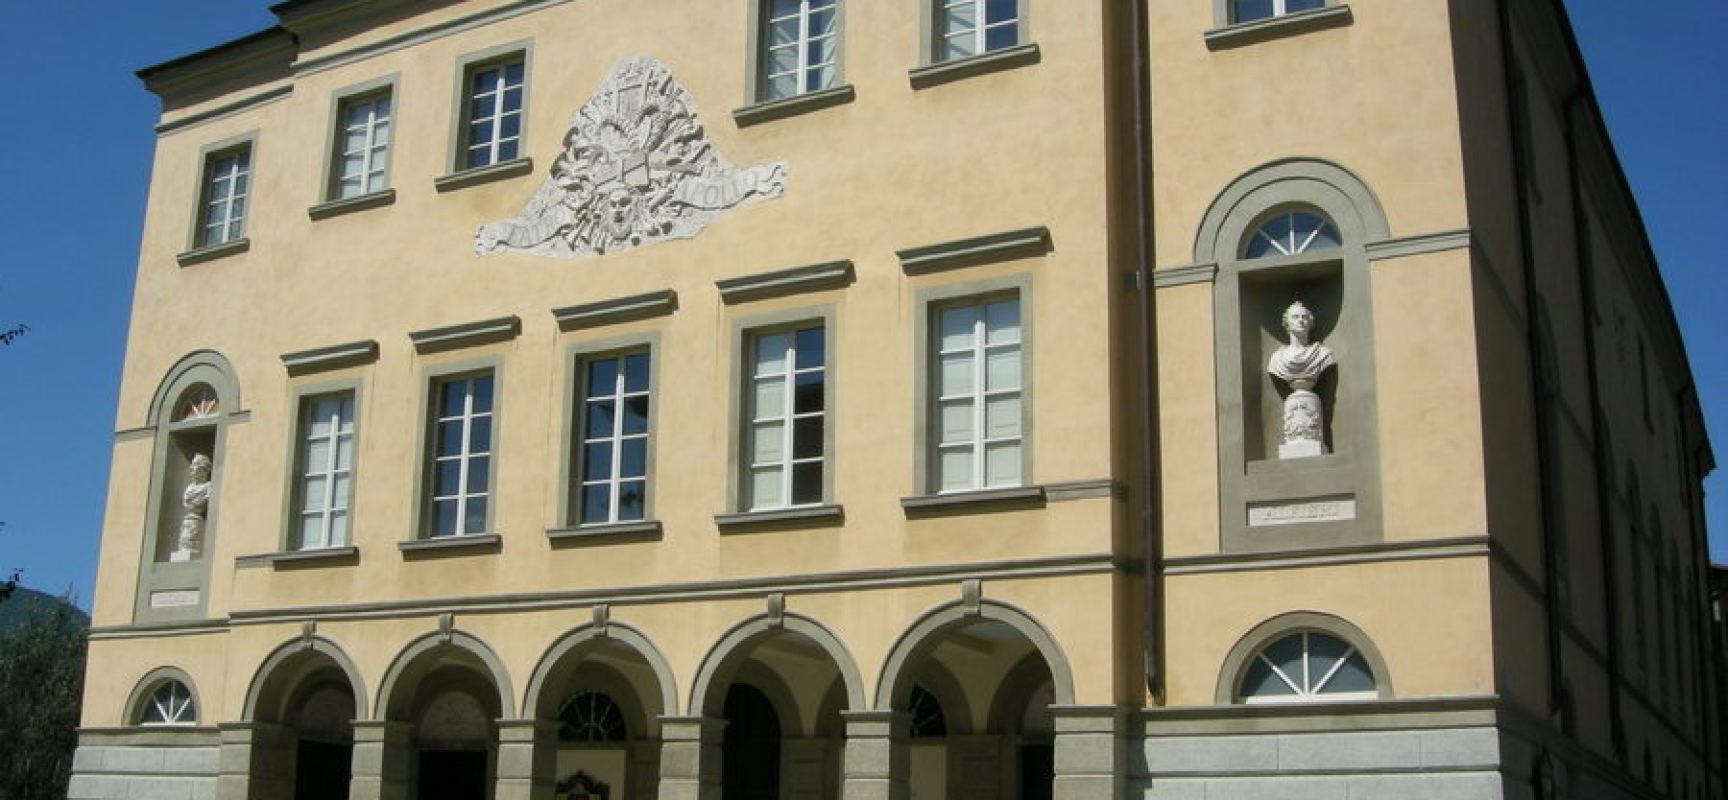 Convegno di storia a Castelnuovo